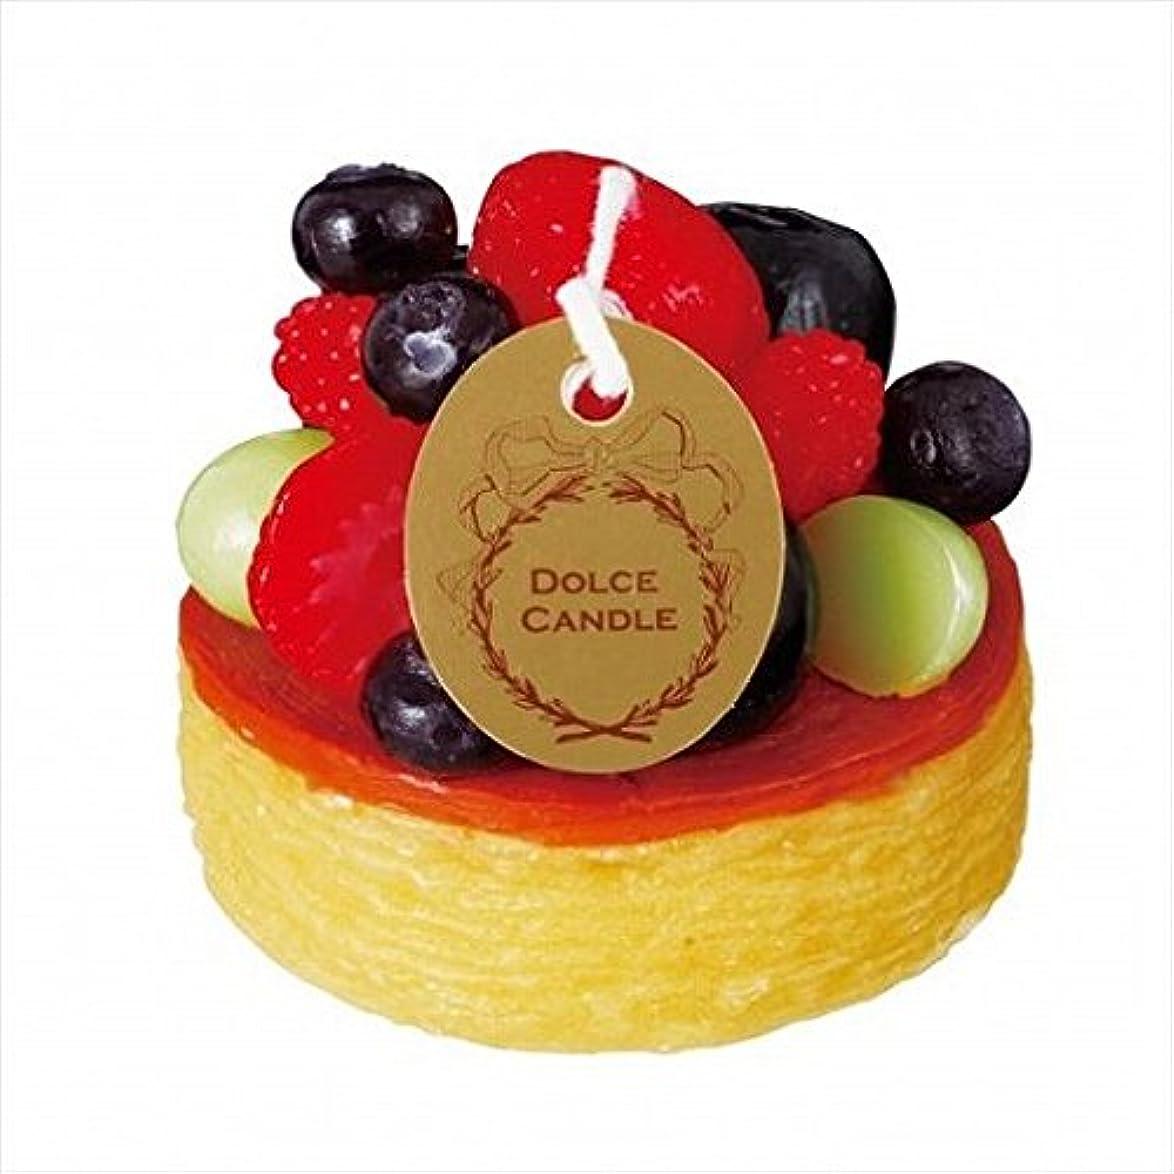 体系的にコンドーム誇張sweets candle(スイーツキャンドル) ドルチェキャンドル 「 フルーツタルト 」 キャンドル 62x62x53mm (A4340520)